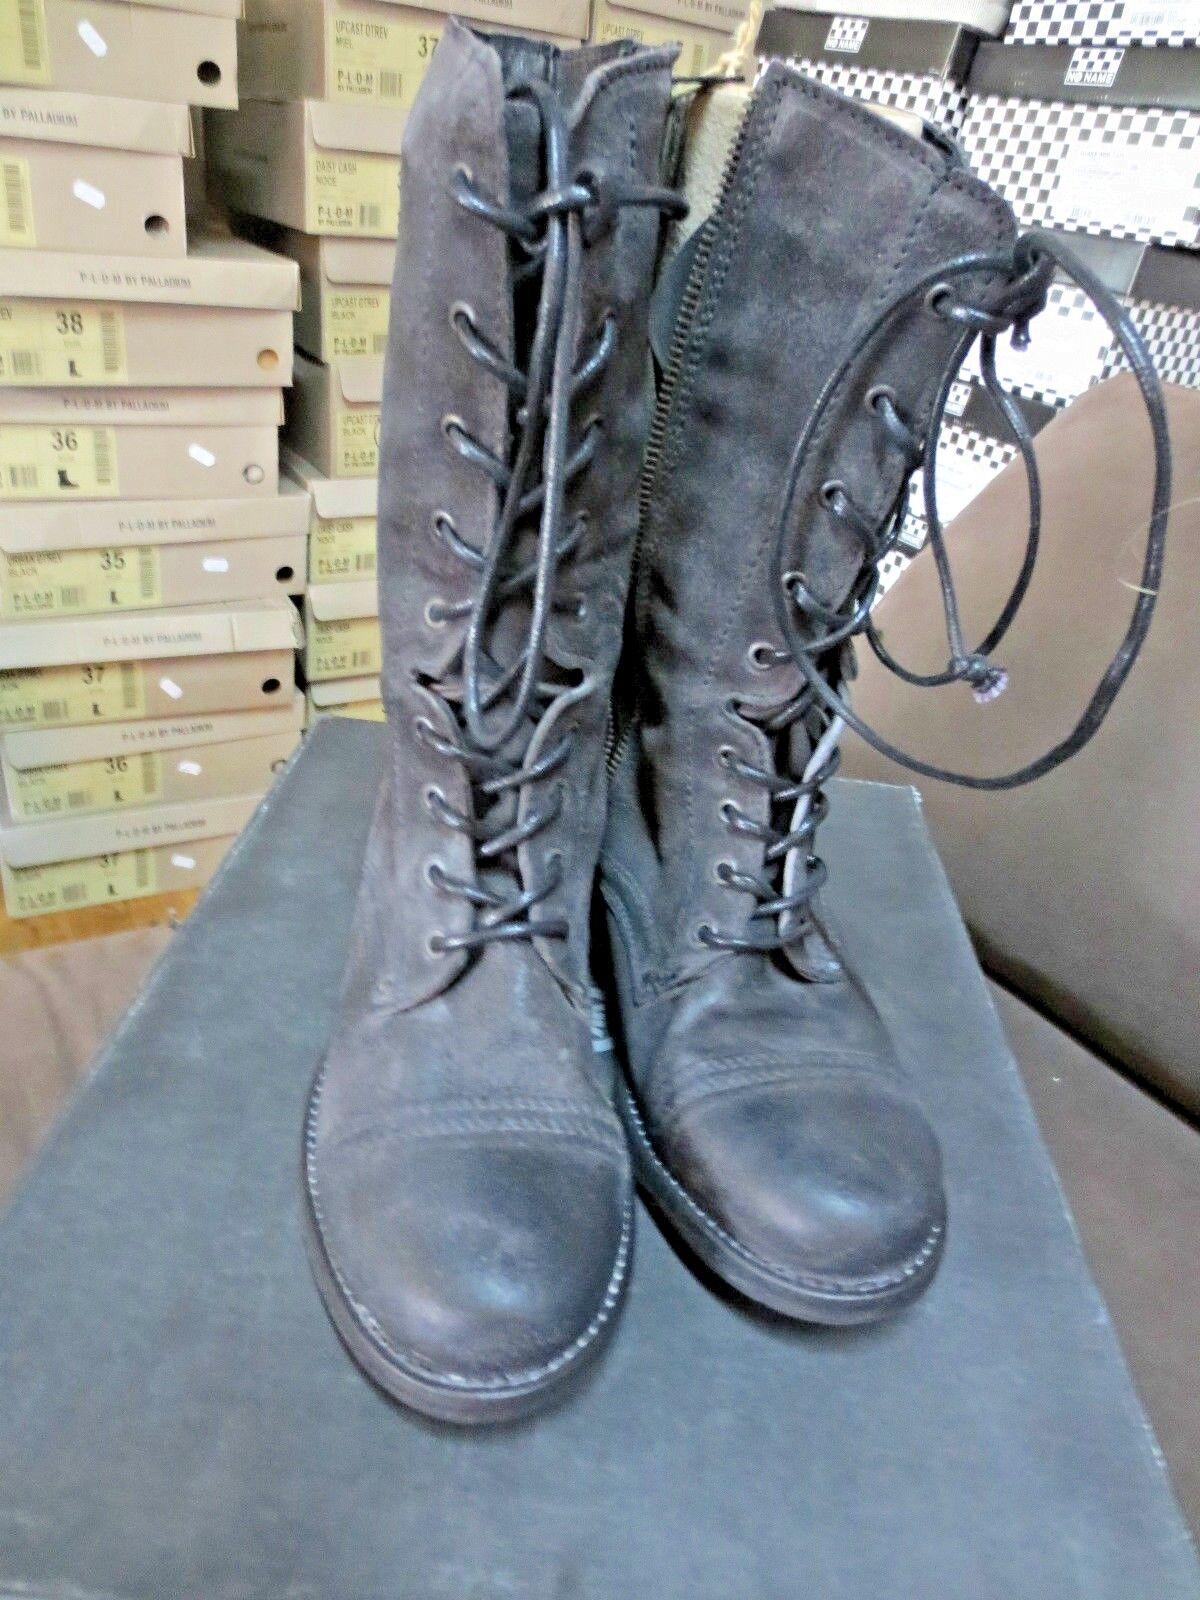 Koah Stiefel Wildleder schwarz vintage neu Wert 179e Größe 39